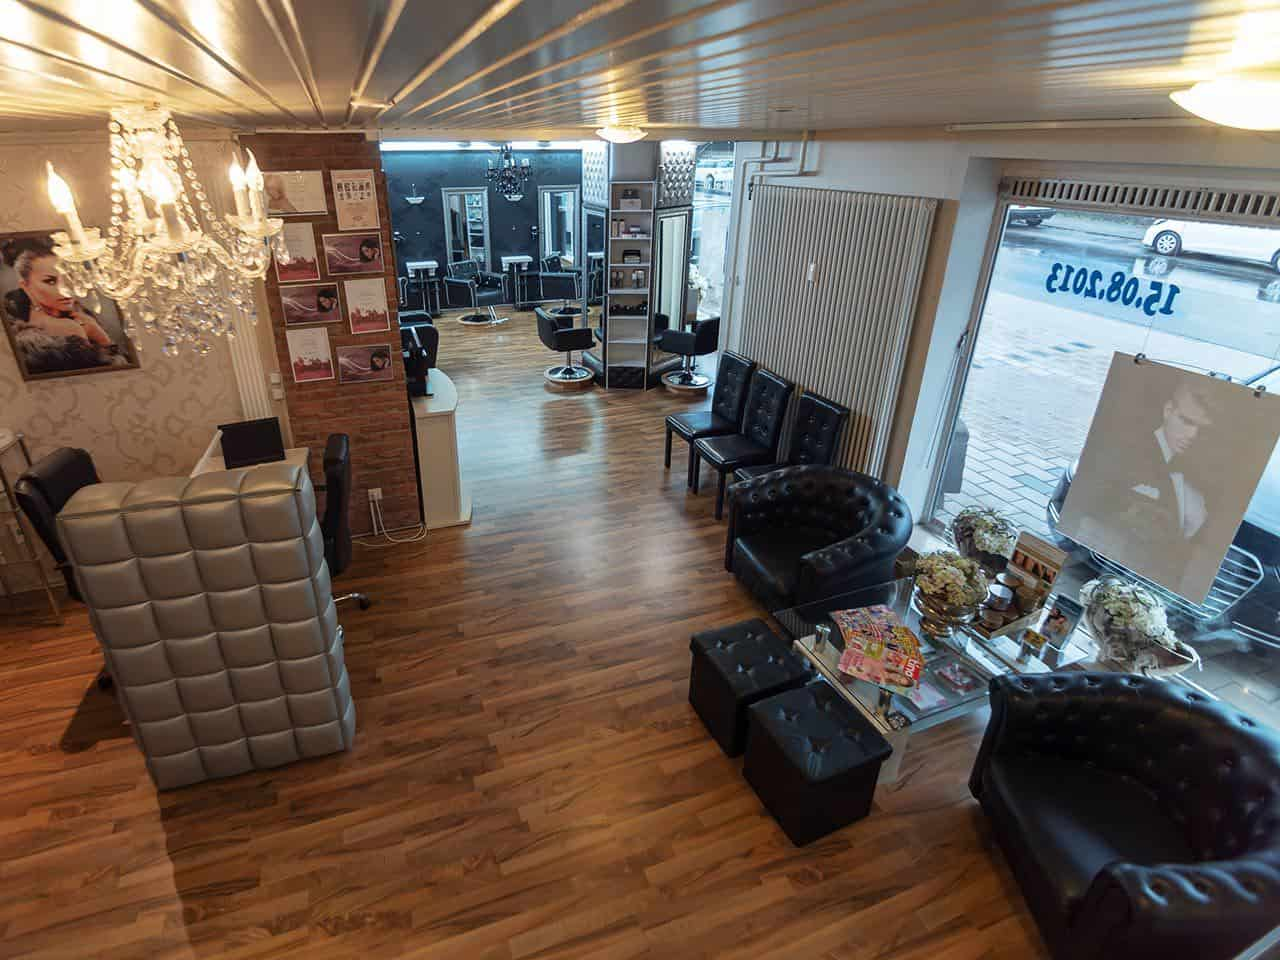 Haarstudio Barock Salon Eingangs- und Wartebereich